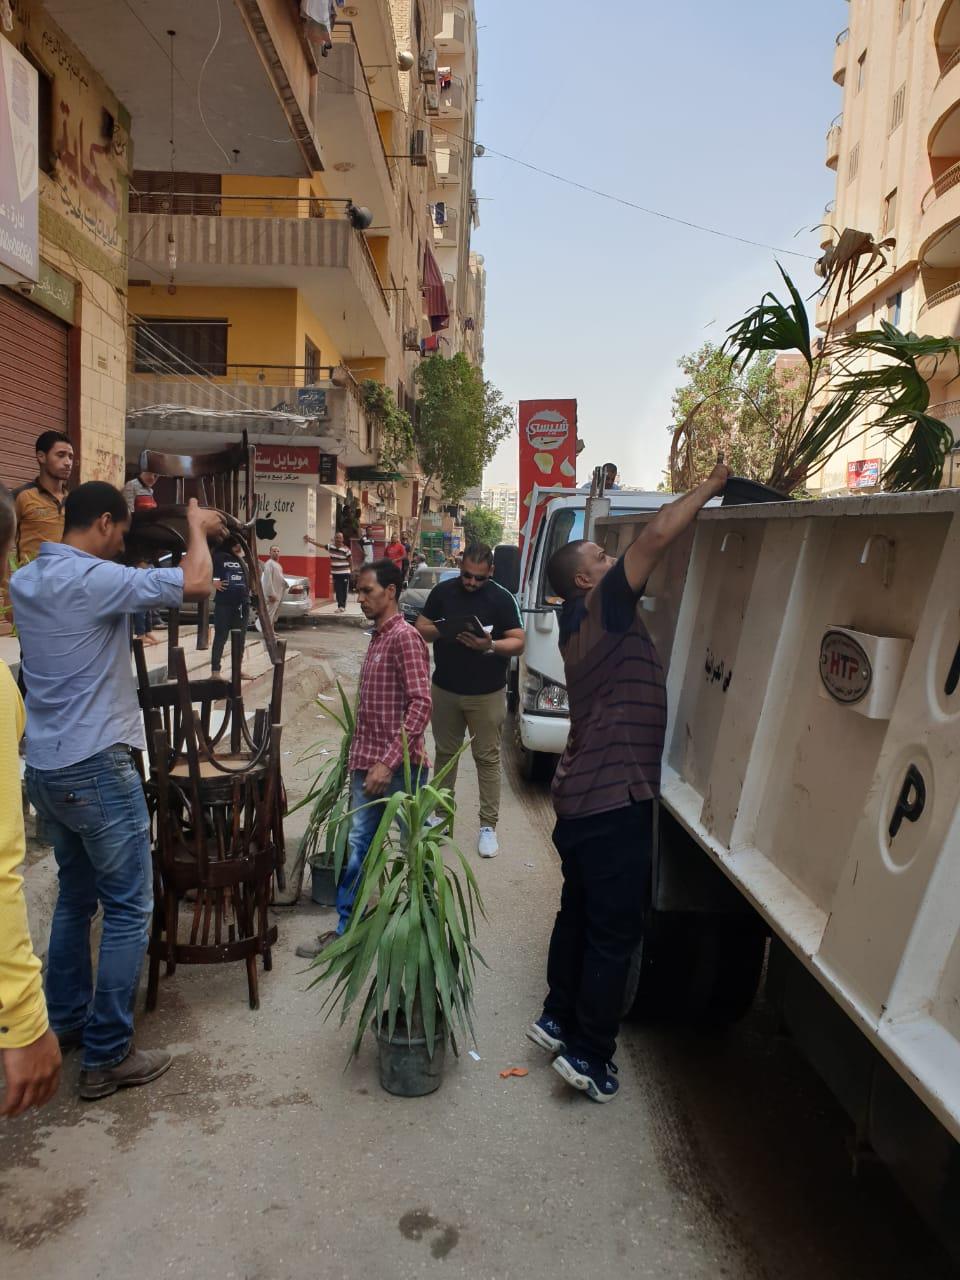 رفع الإشغالات بالعجوزة والطالبية وإصلاح كسر ماسورة مياه جنوب الجيزة  (4)